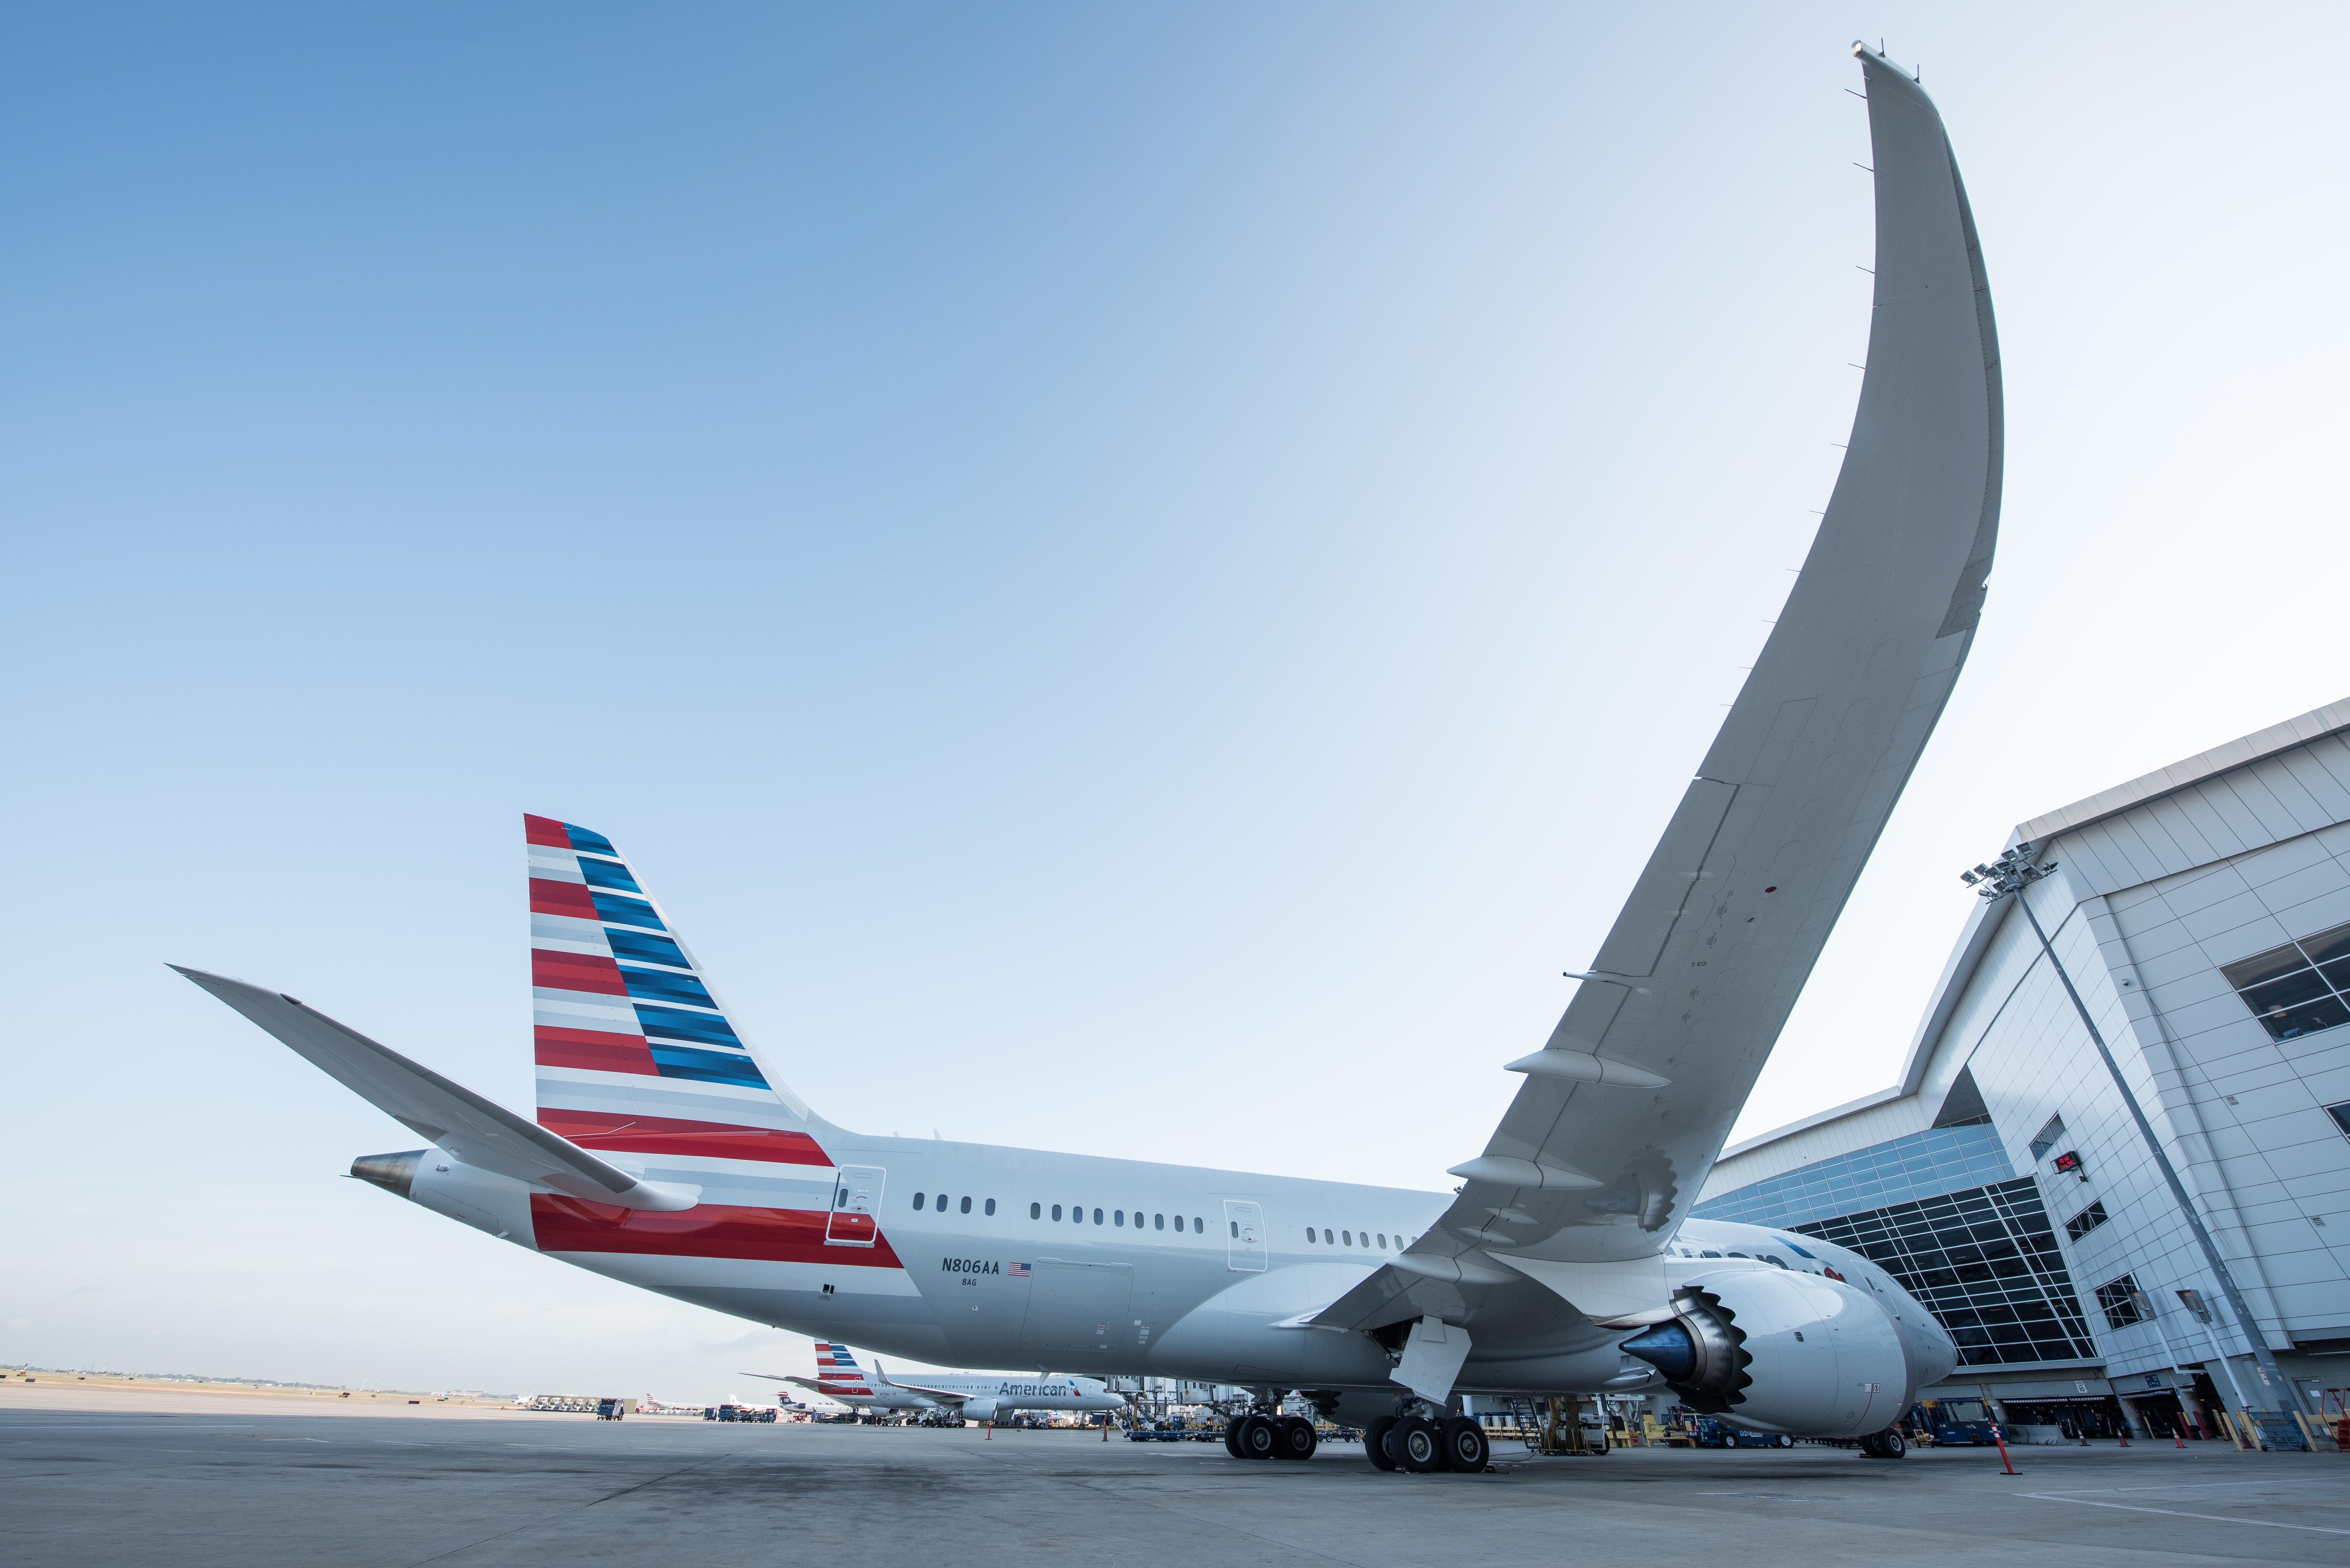 American Airlines skruer ned på betjeningen fra USA til Kina. Pressefoto fra lufthavnen i Dallas.